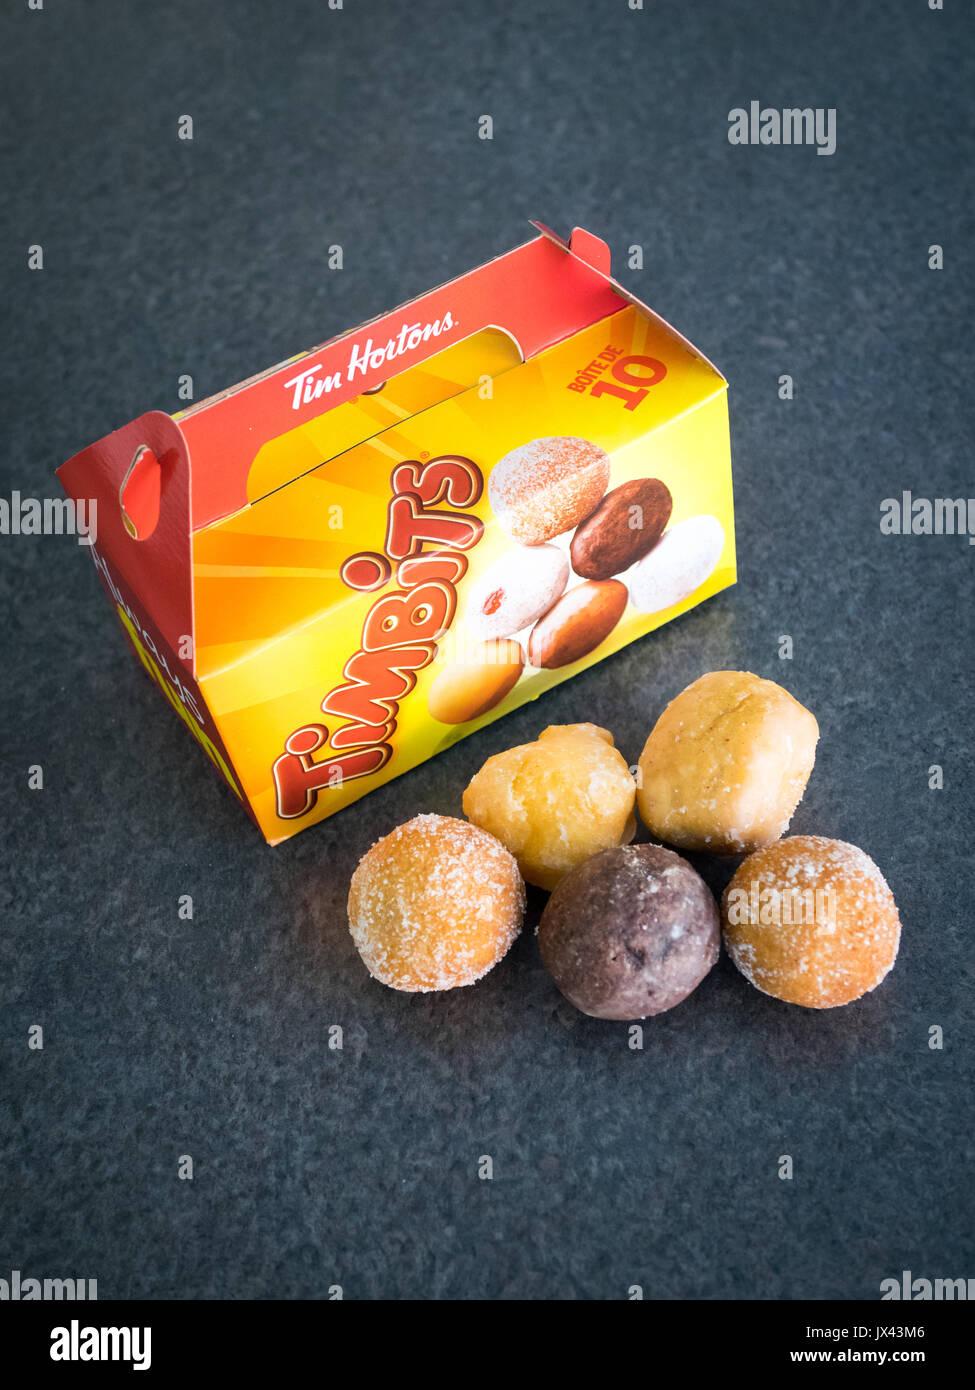 (Trous de beignes Timbits, des trous de beignes de Tim Hortons, une populaire chaîne de restauration rapide canadienne. Photo Stock